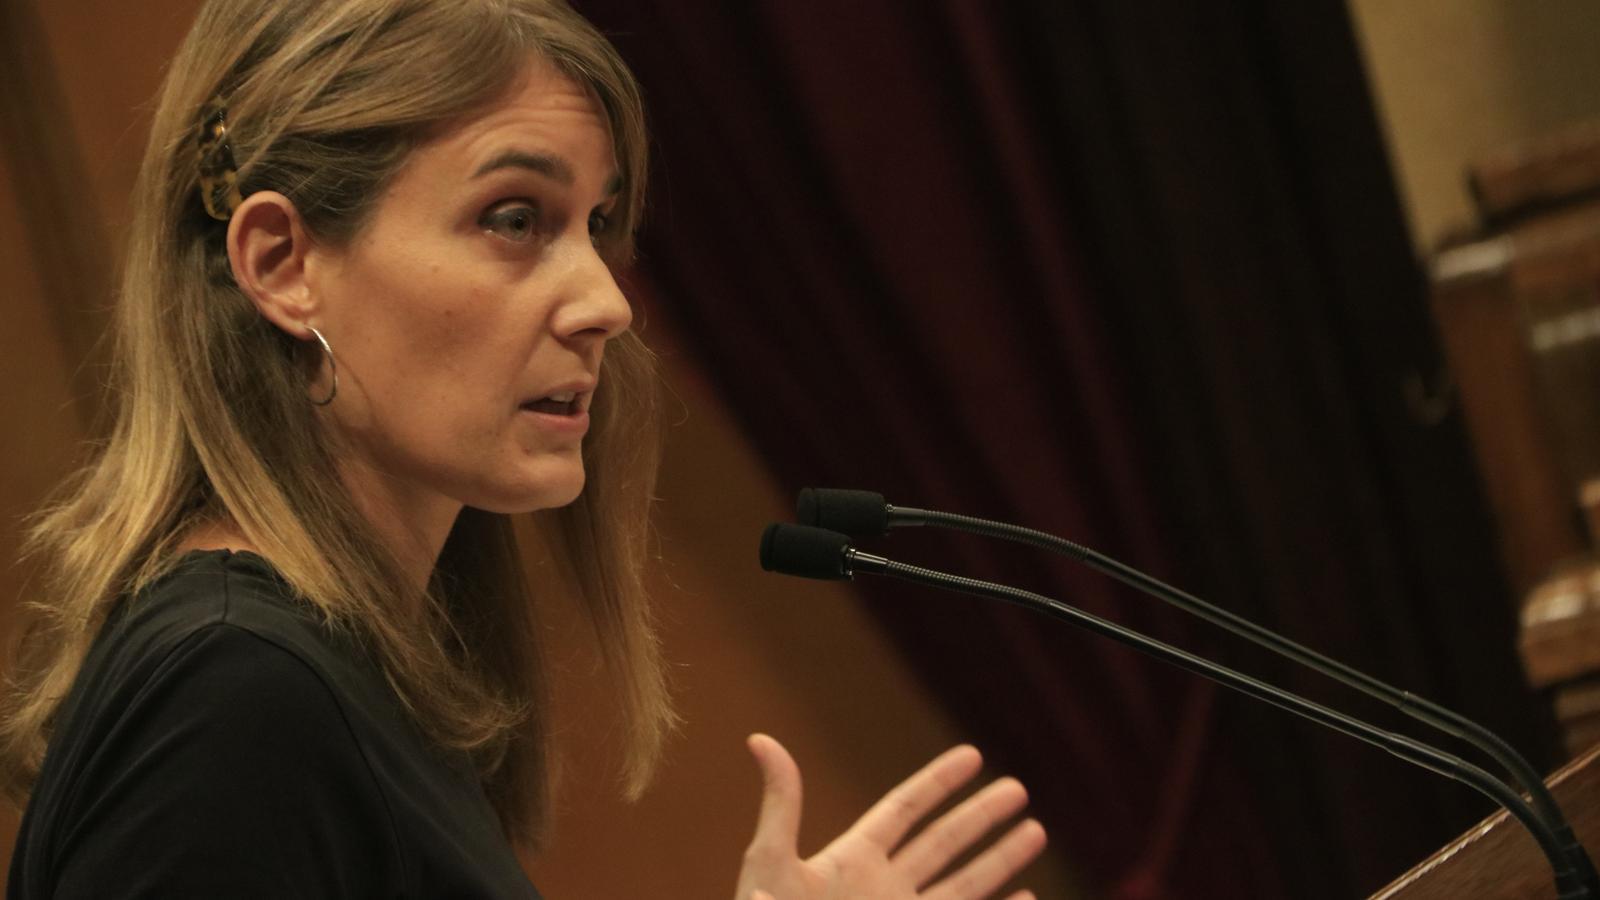 La portaveu d'En Comú Podem, Jéssica Albiach, en una sessió al Parlament de Catalunya